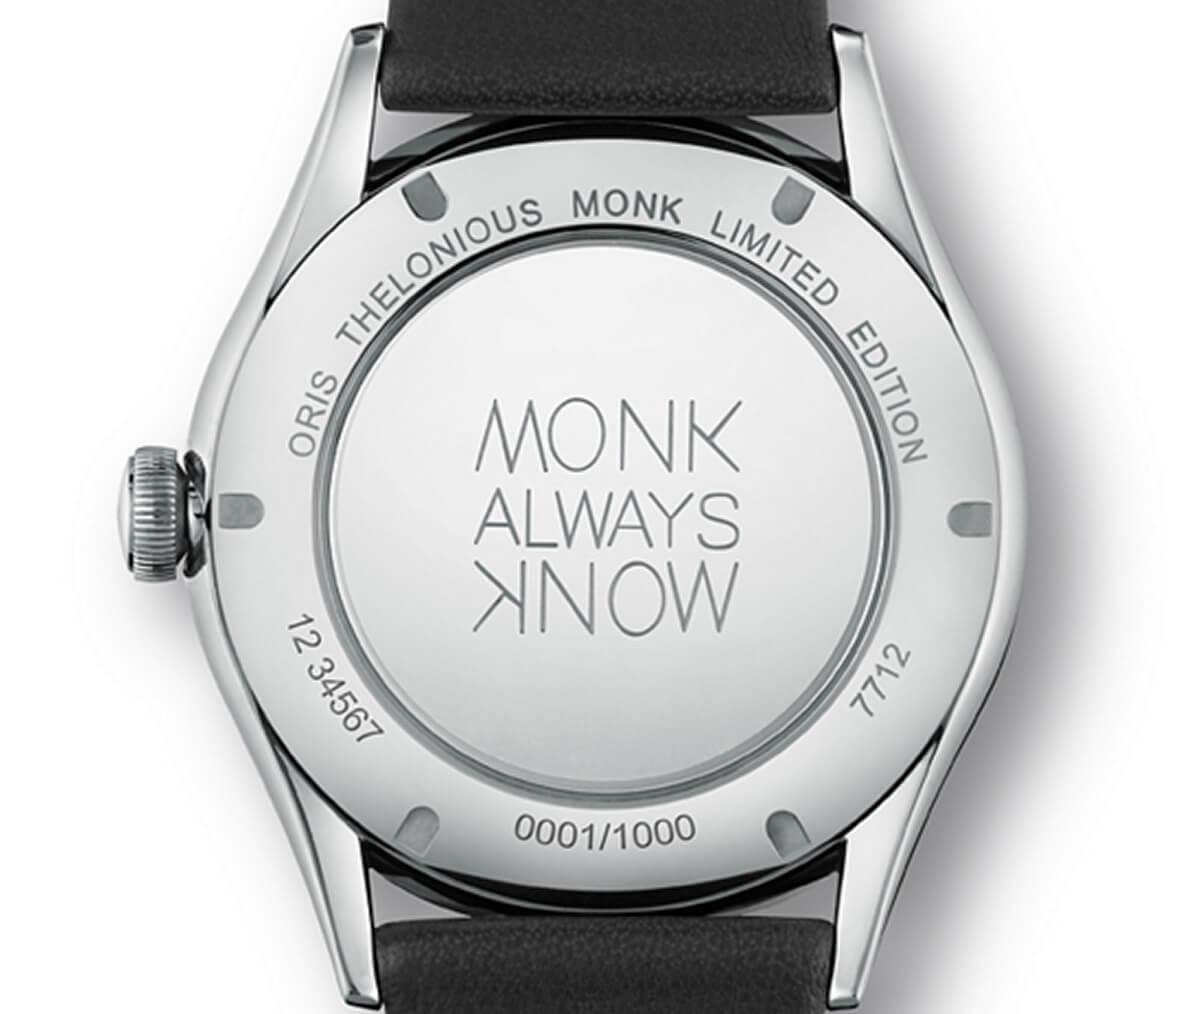 オリス セロニアス・モンク 腕時計の裏側の刻印